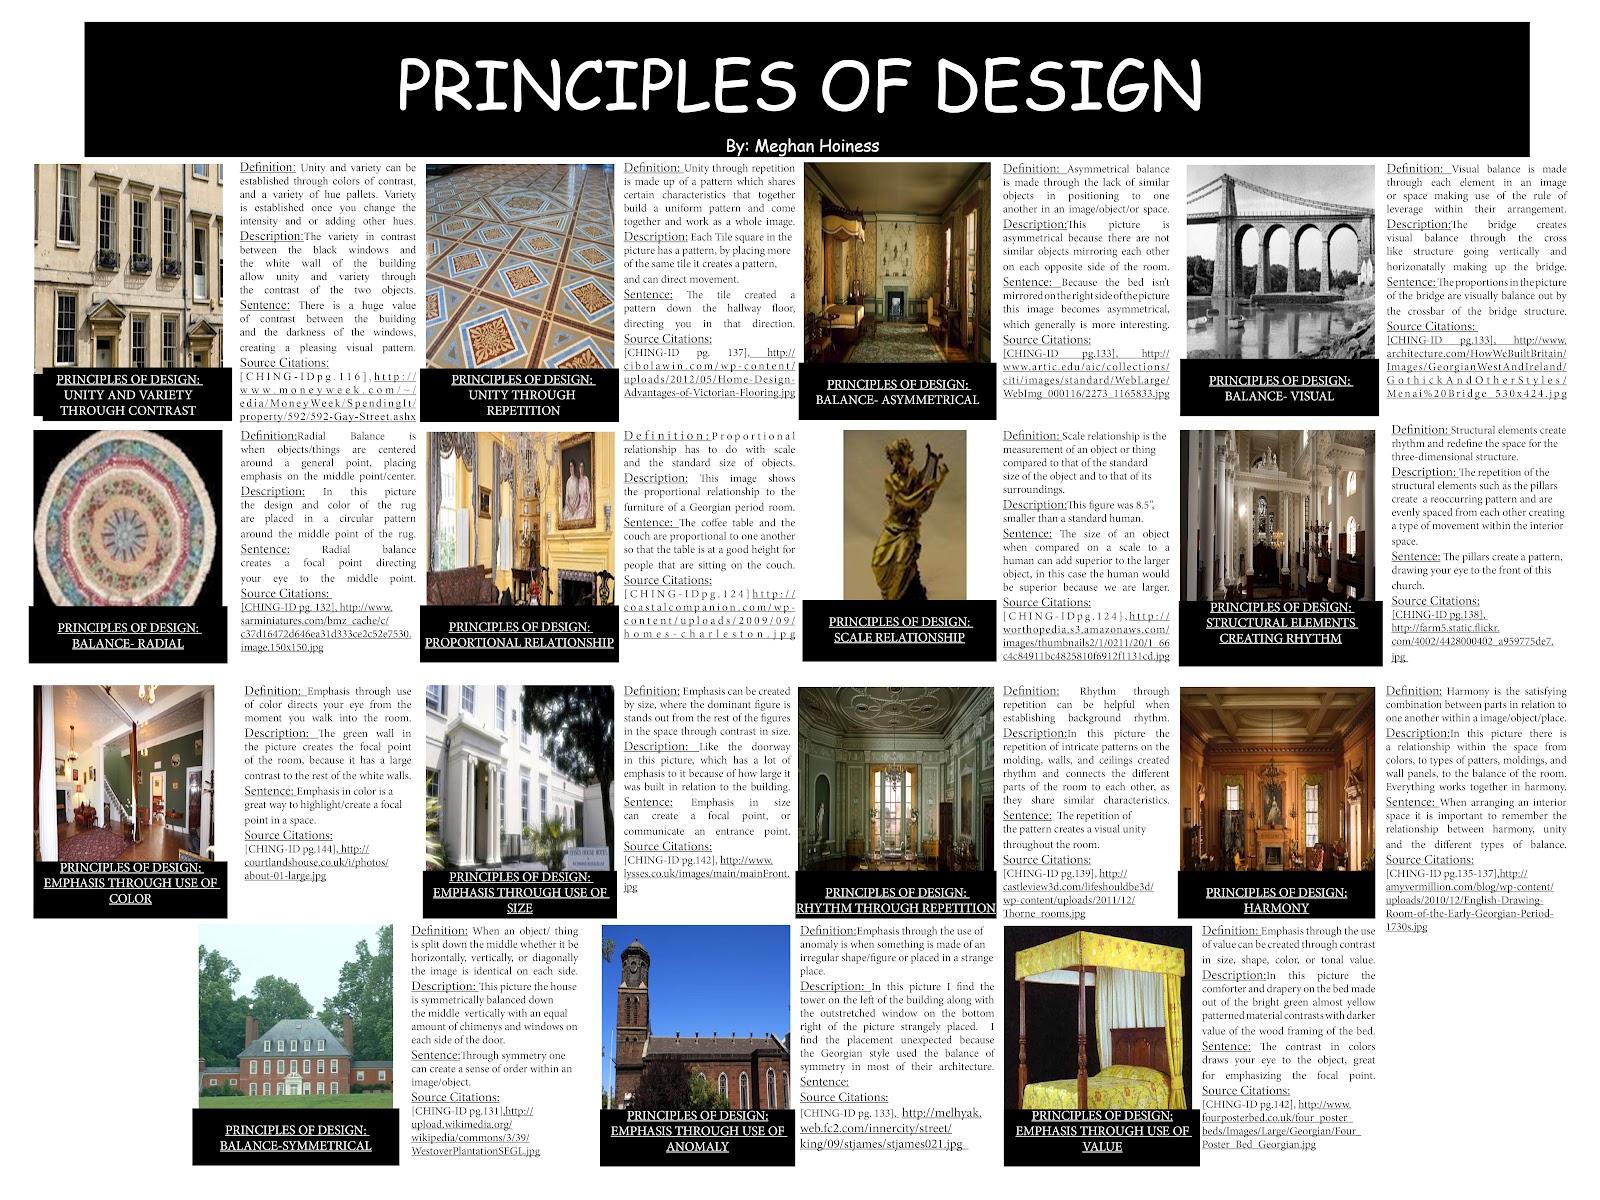 Meghan's Interior Design: Elements & Principles of Desgin